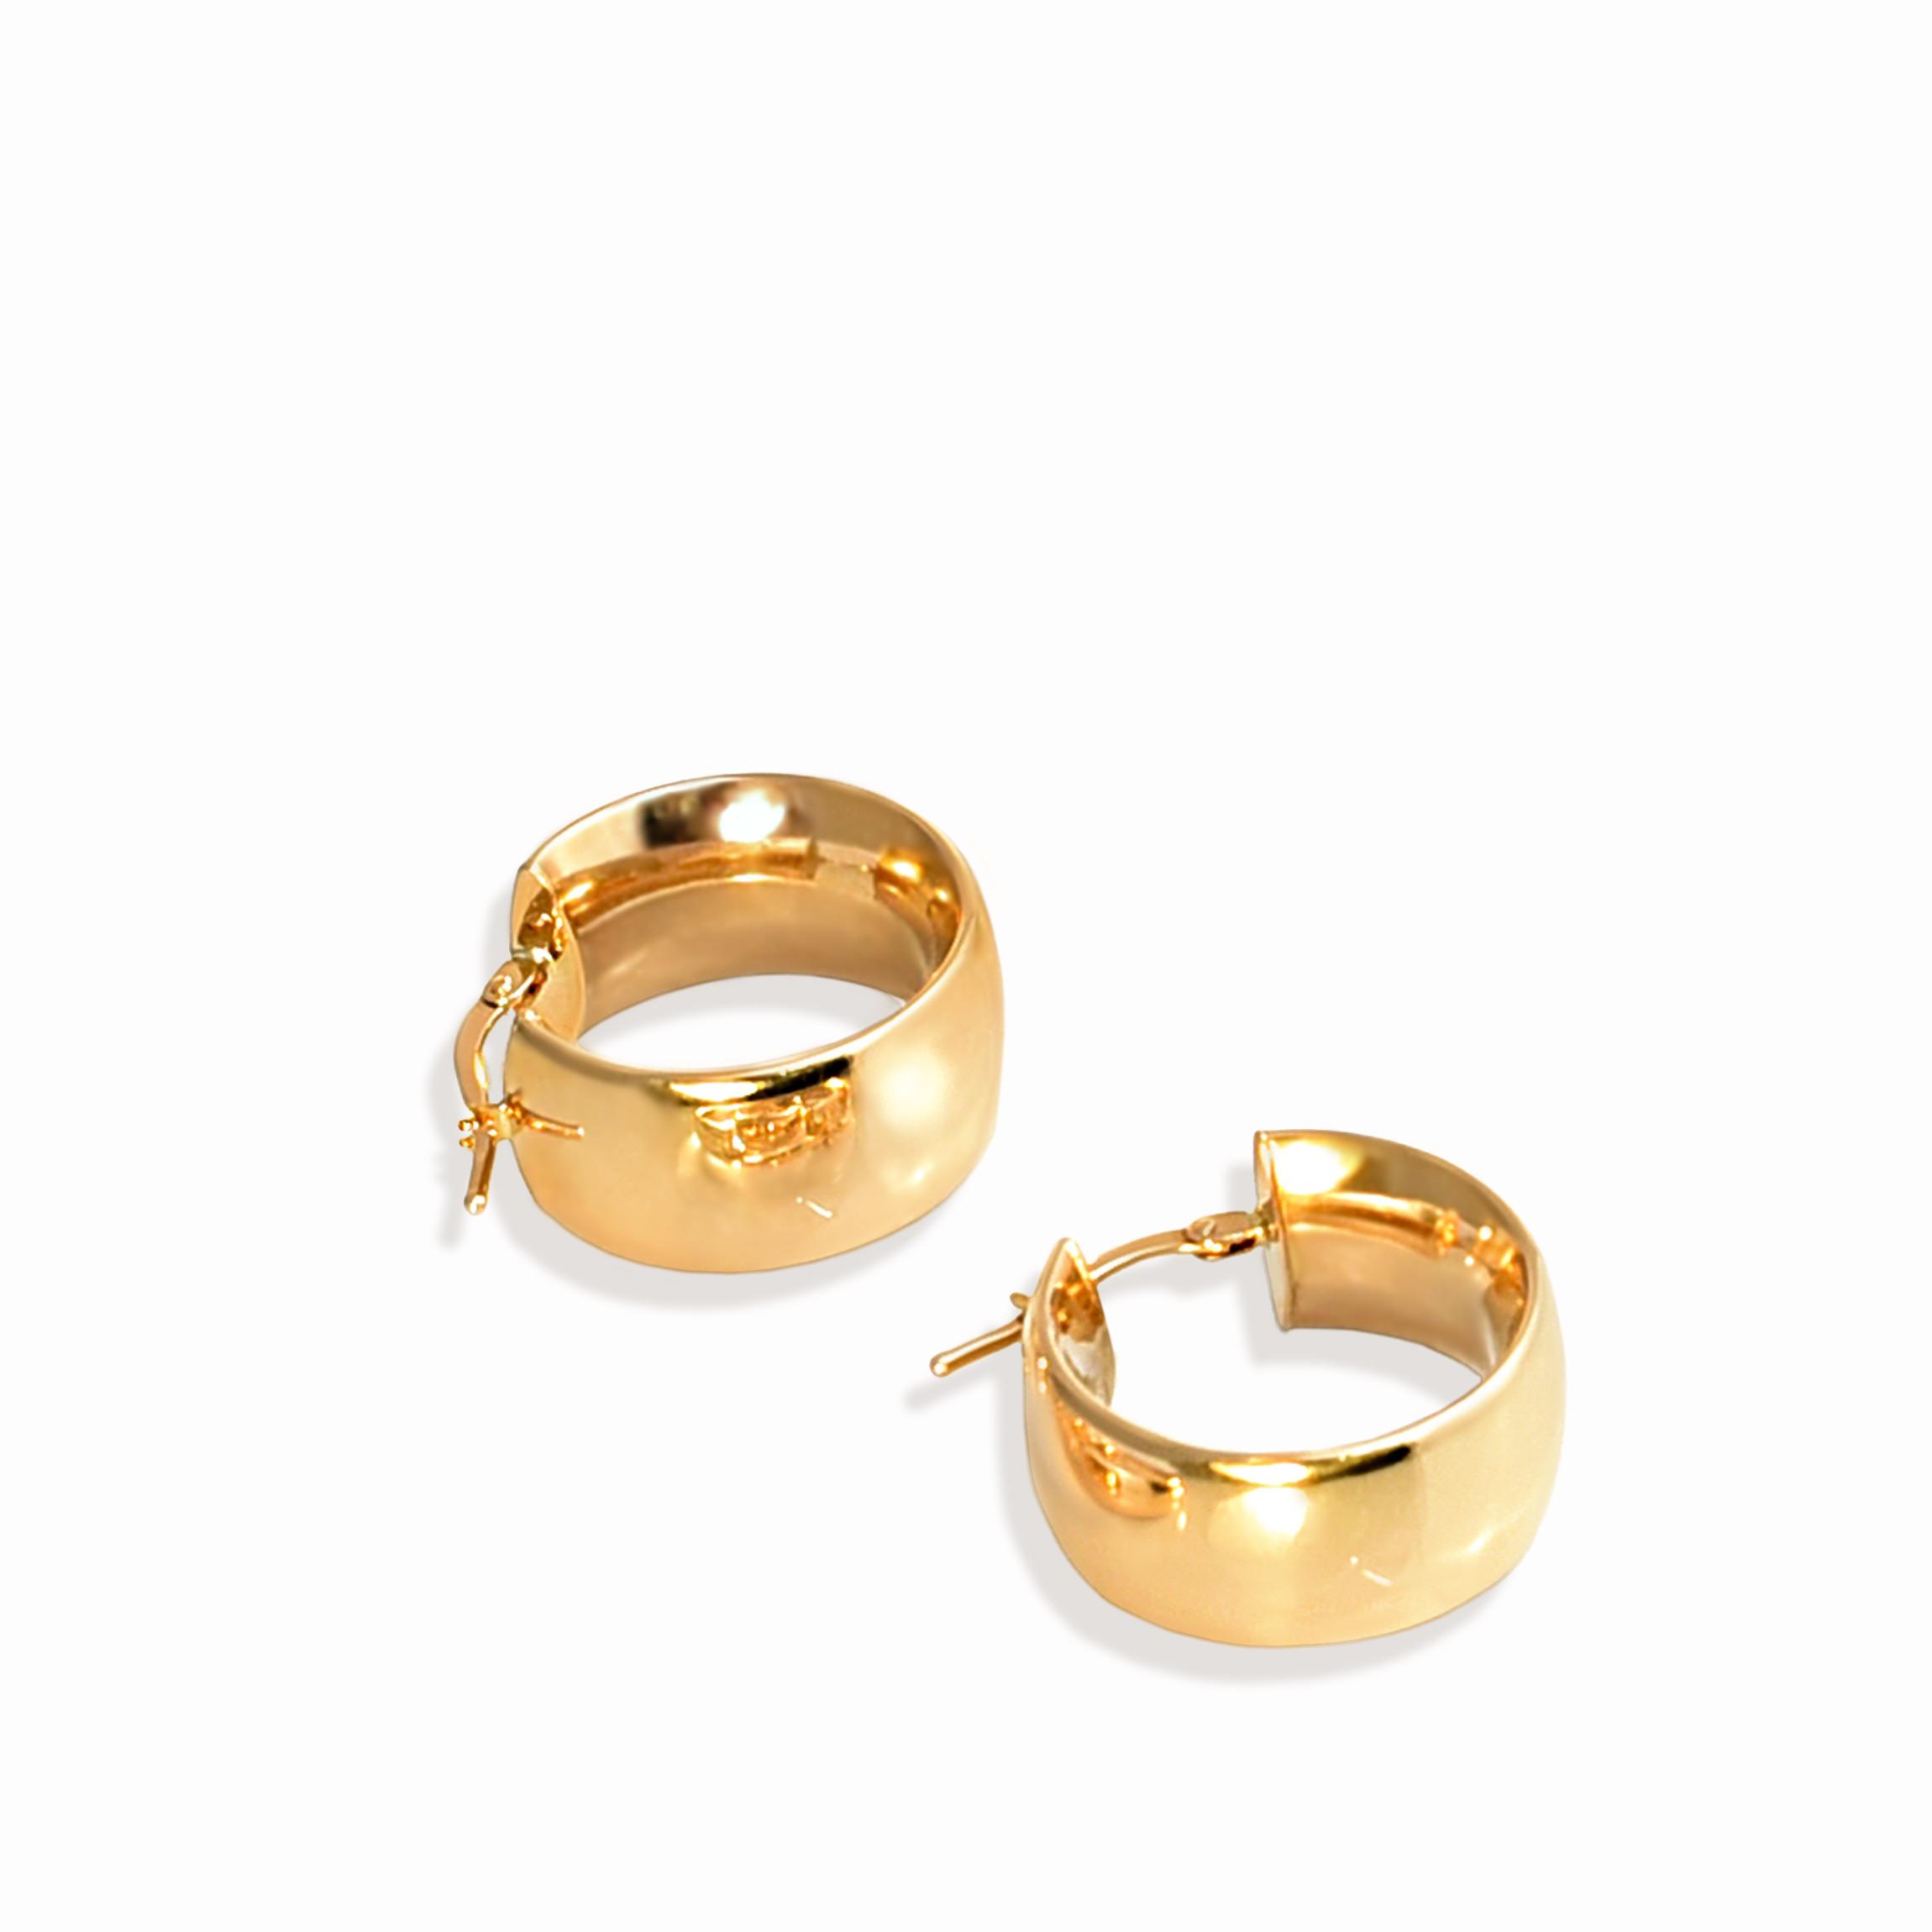 Kolczyki - koła z żółtego złota,  próba 585